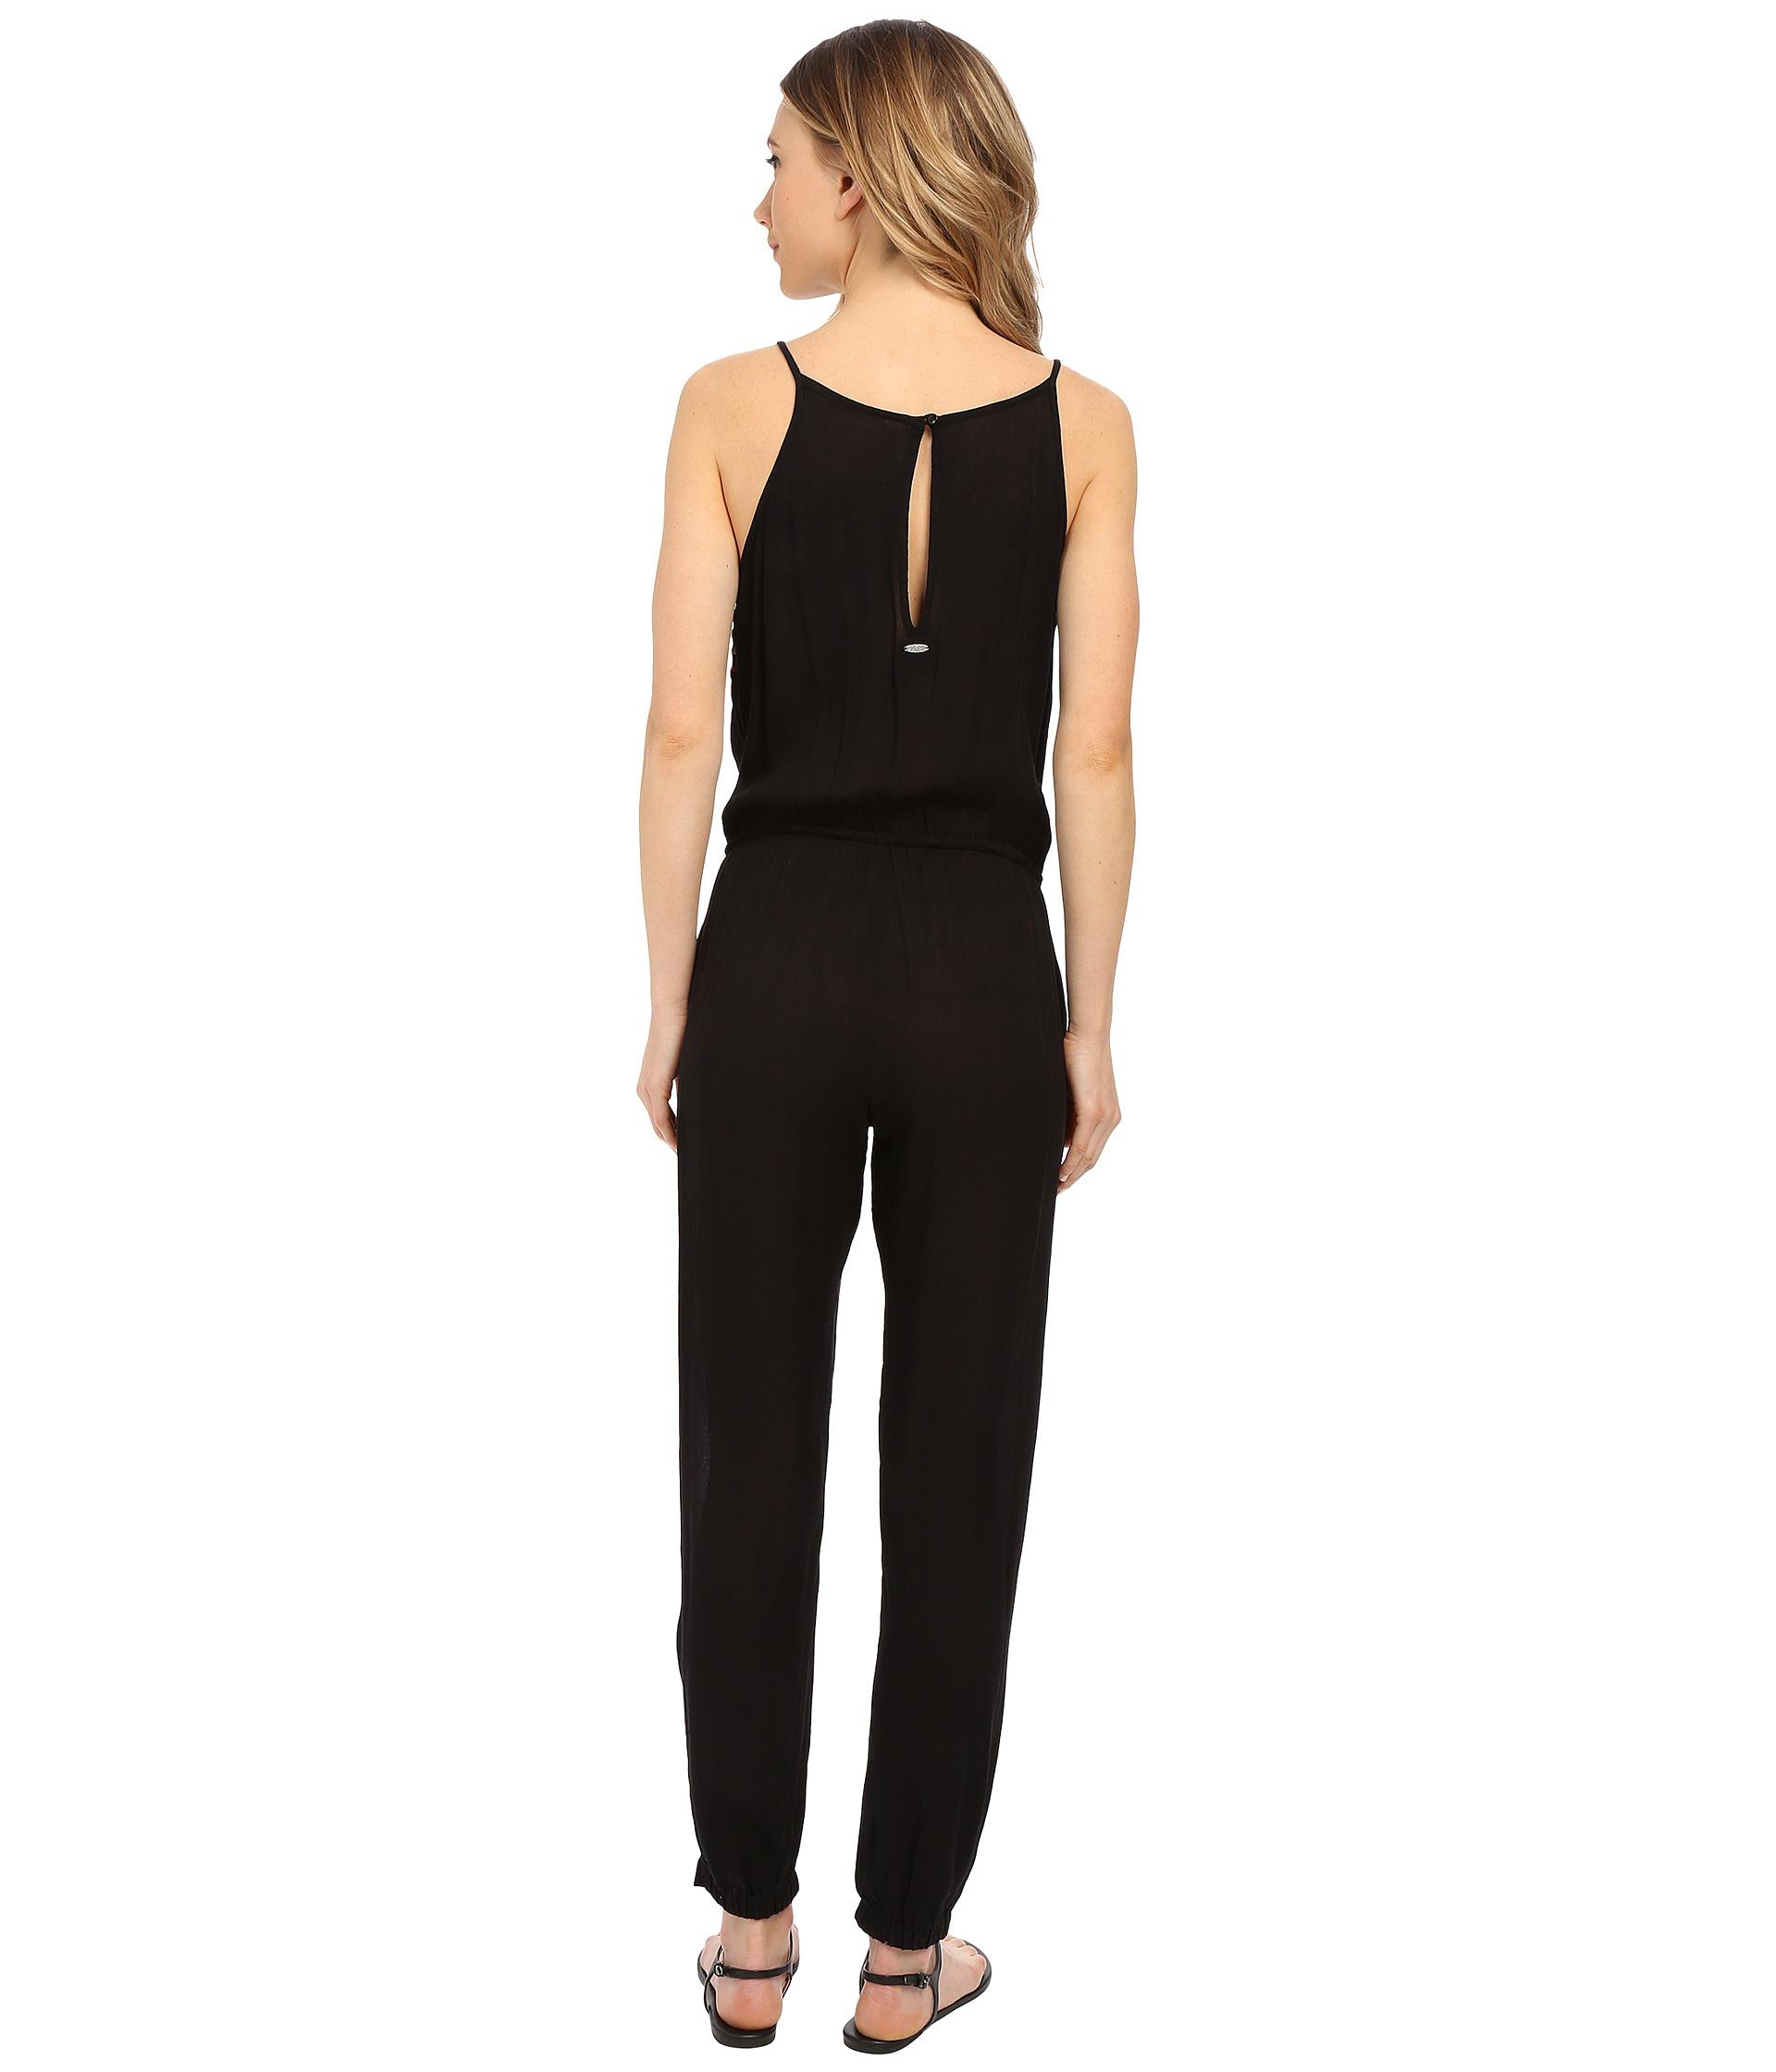 52571fc06a65 Lyst - Rip Curl Ritual Jumpsuit in Black